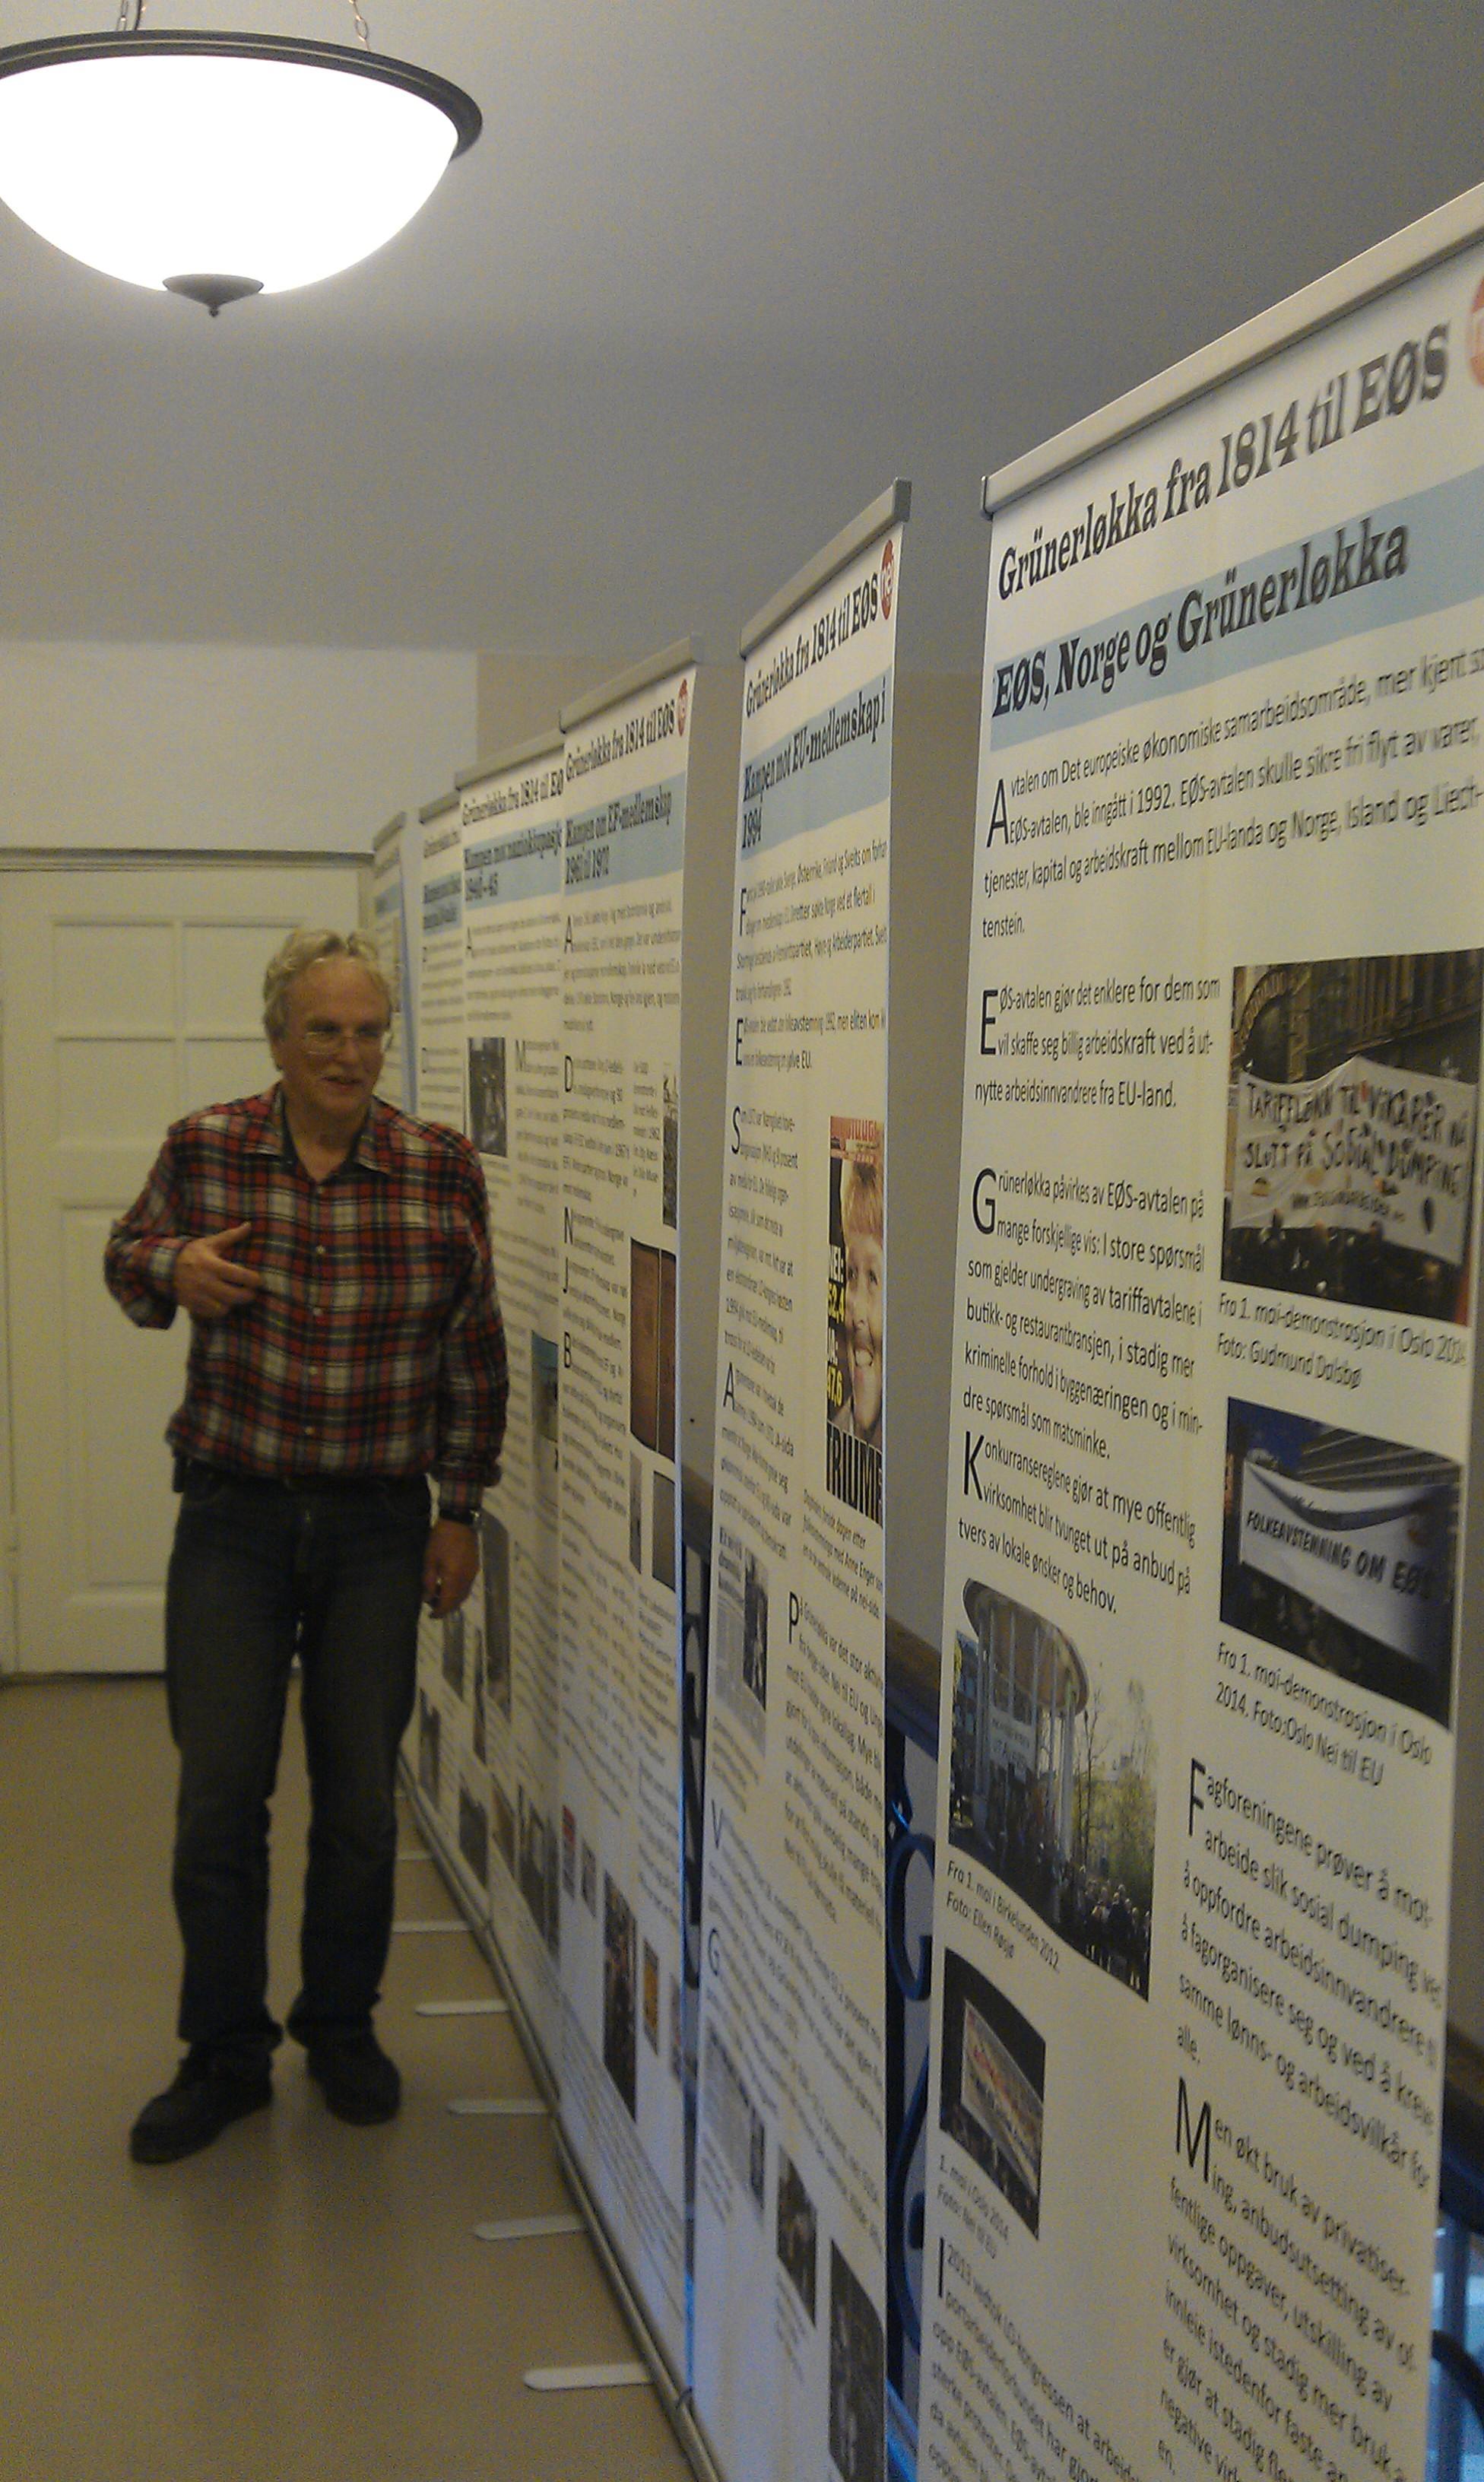 Deler av utstillinga på Deichmanske bibliotek